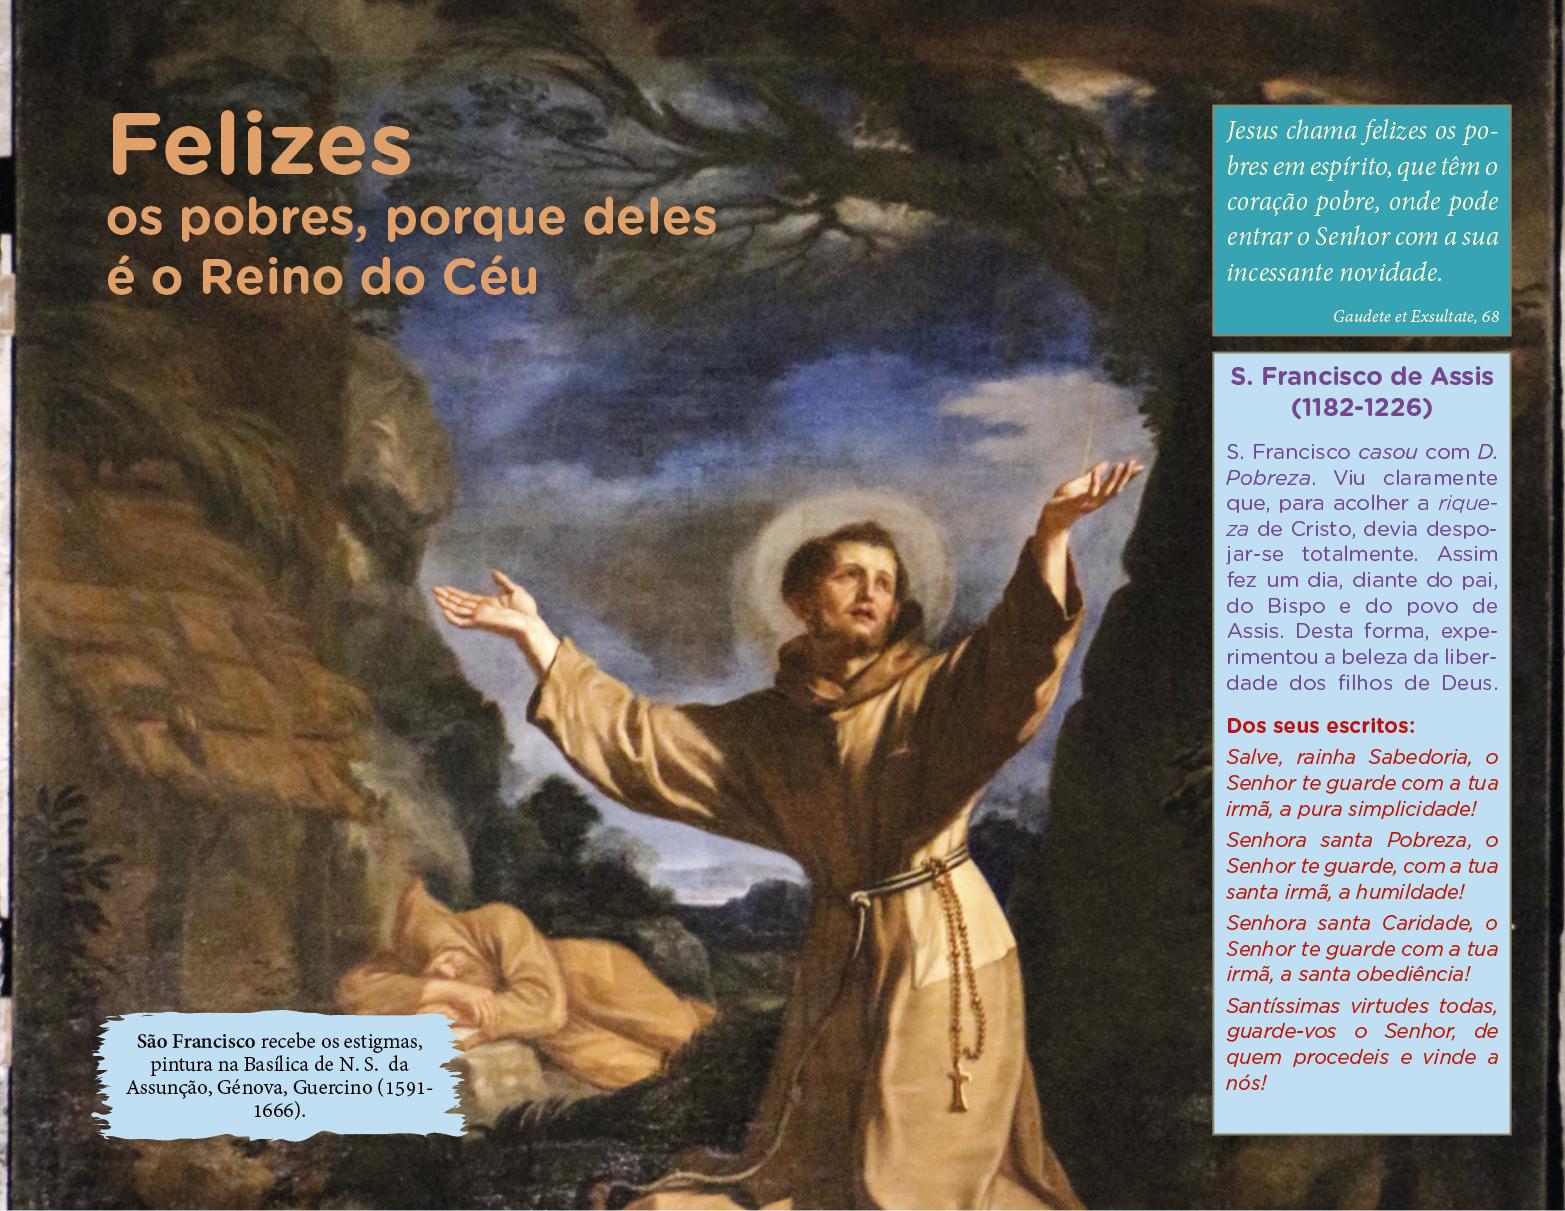 São Francisco recebe os estigmas, pintura na Basílica de N. S. da Assunção, Génova, Guercino (1591-1666).